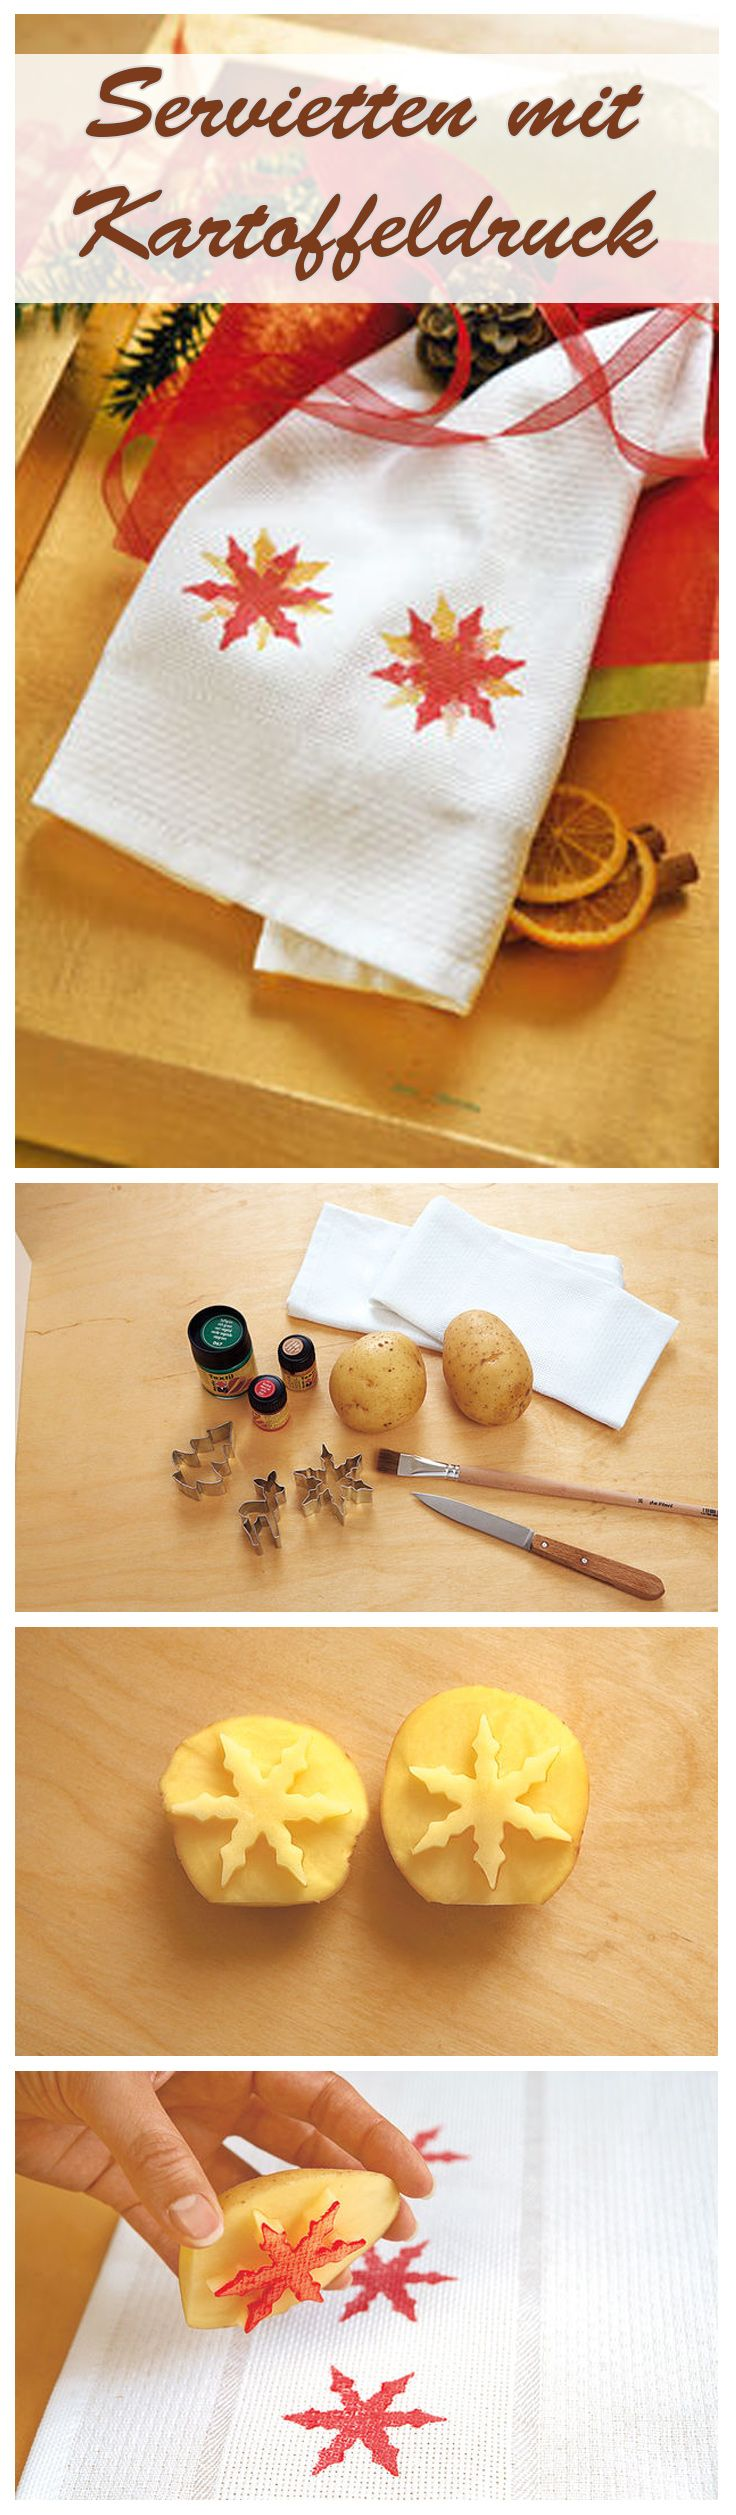 Mit Kartoffeldruck kann man ganz leicht verschiedenen Symbole aufdrucken. Wir haben uns für weihnachtliche Sterne entschieden, die wir auf Stoff-Servietten gedruckt haben.